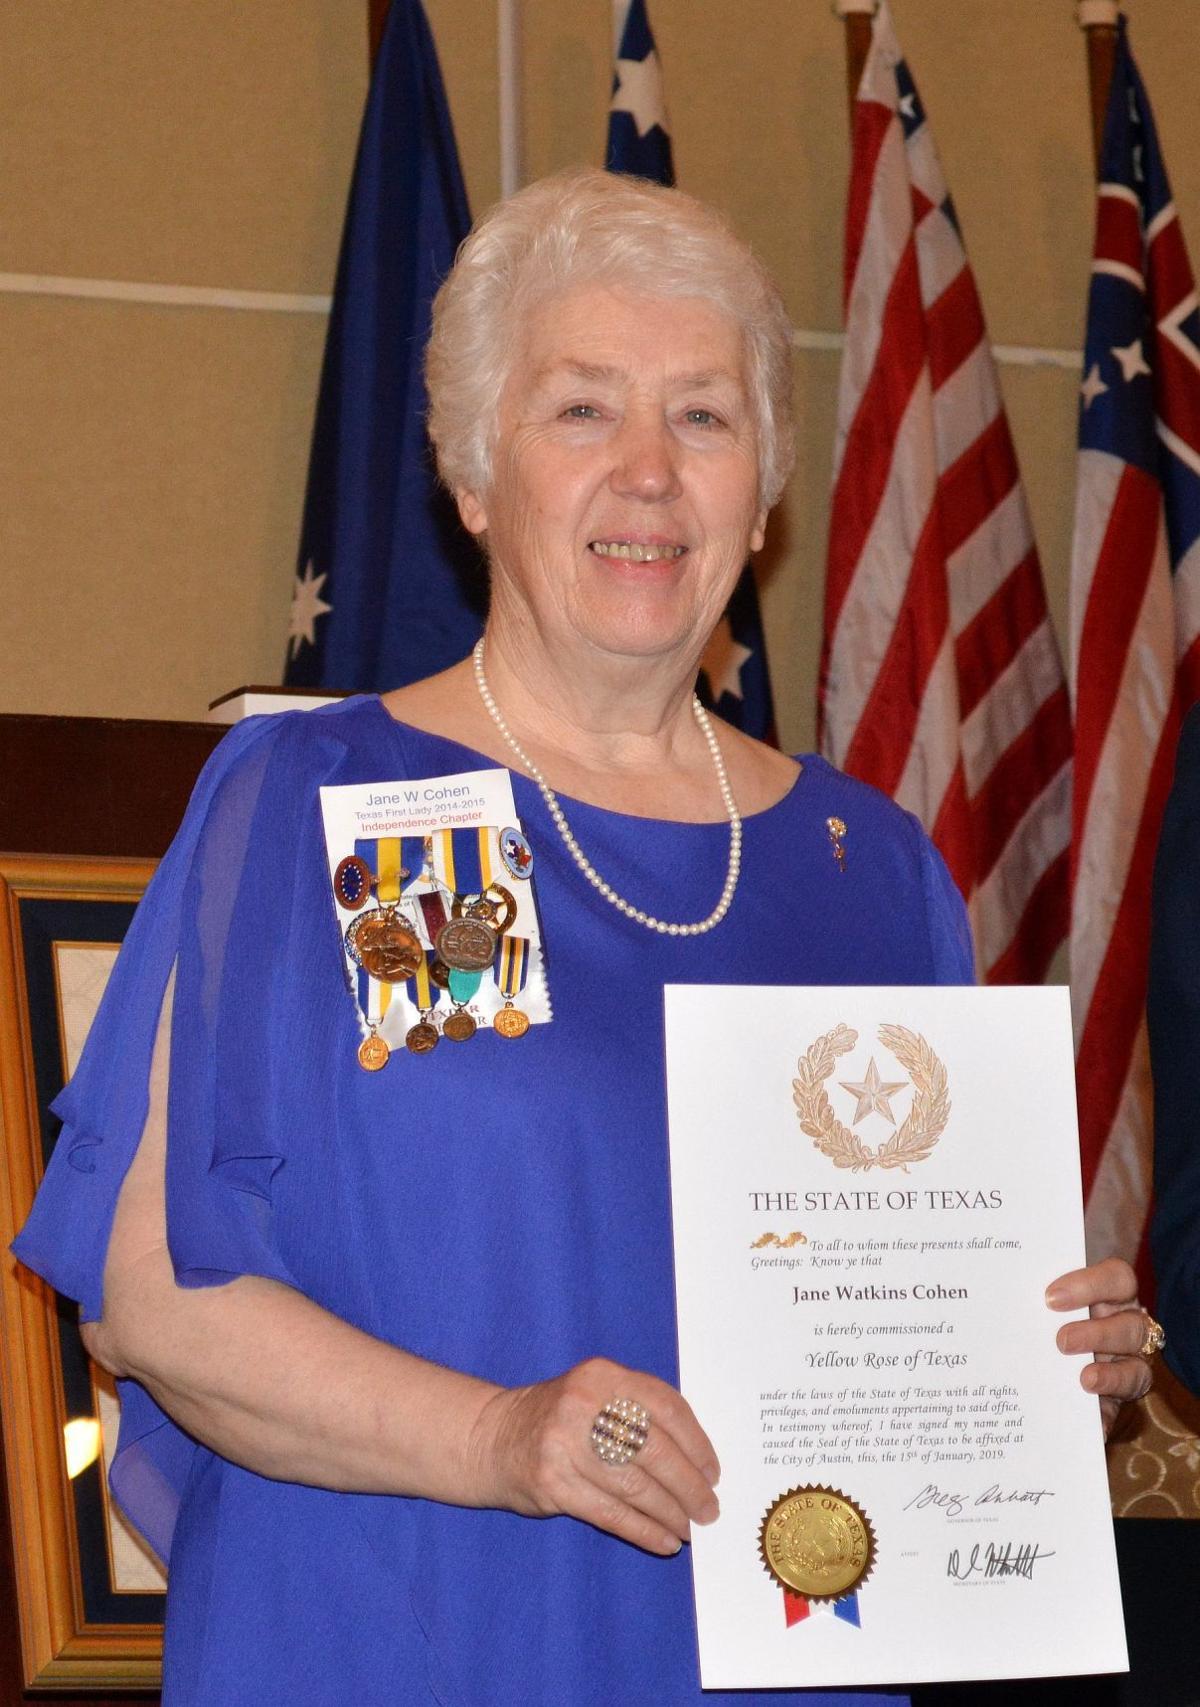 Jane Cohen